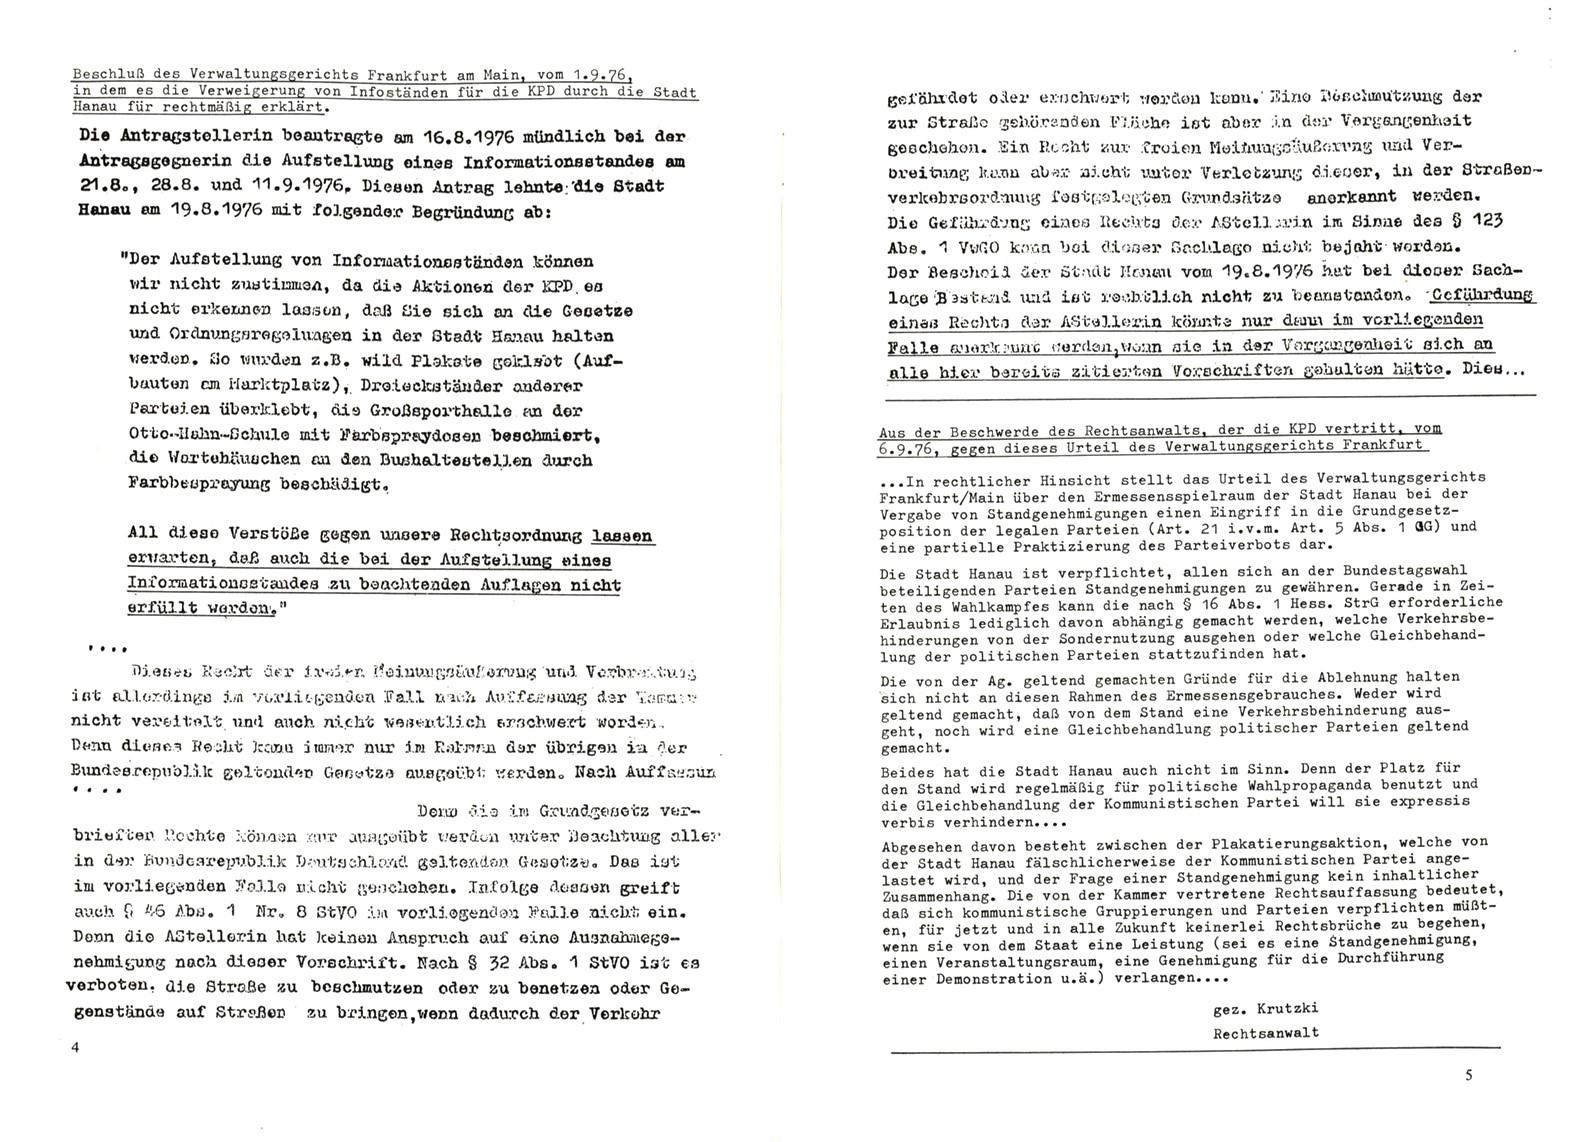 KPDAO_1976_Wahlbehinderungen_im_BTW_04